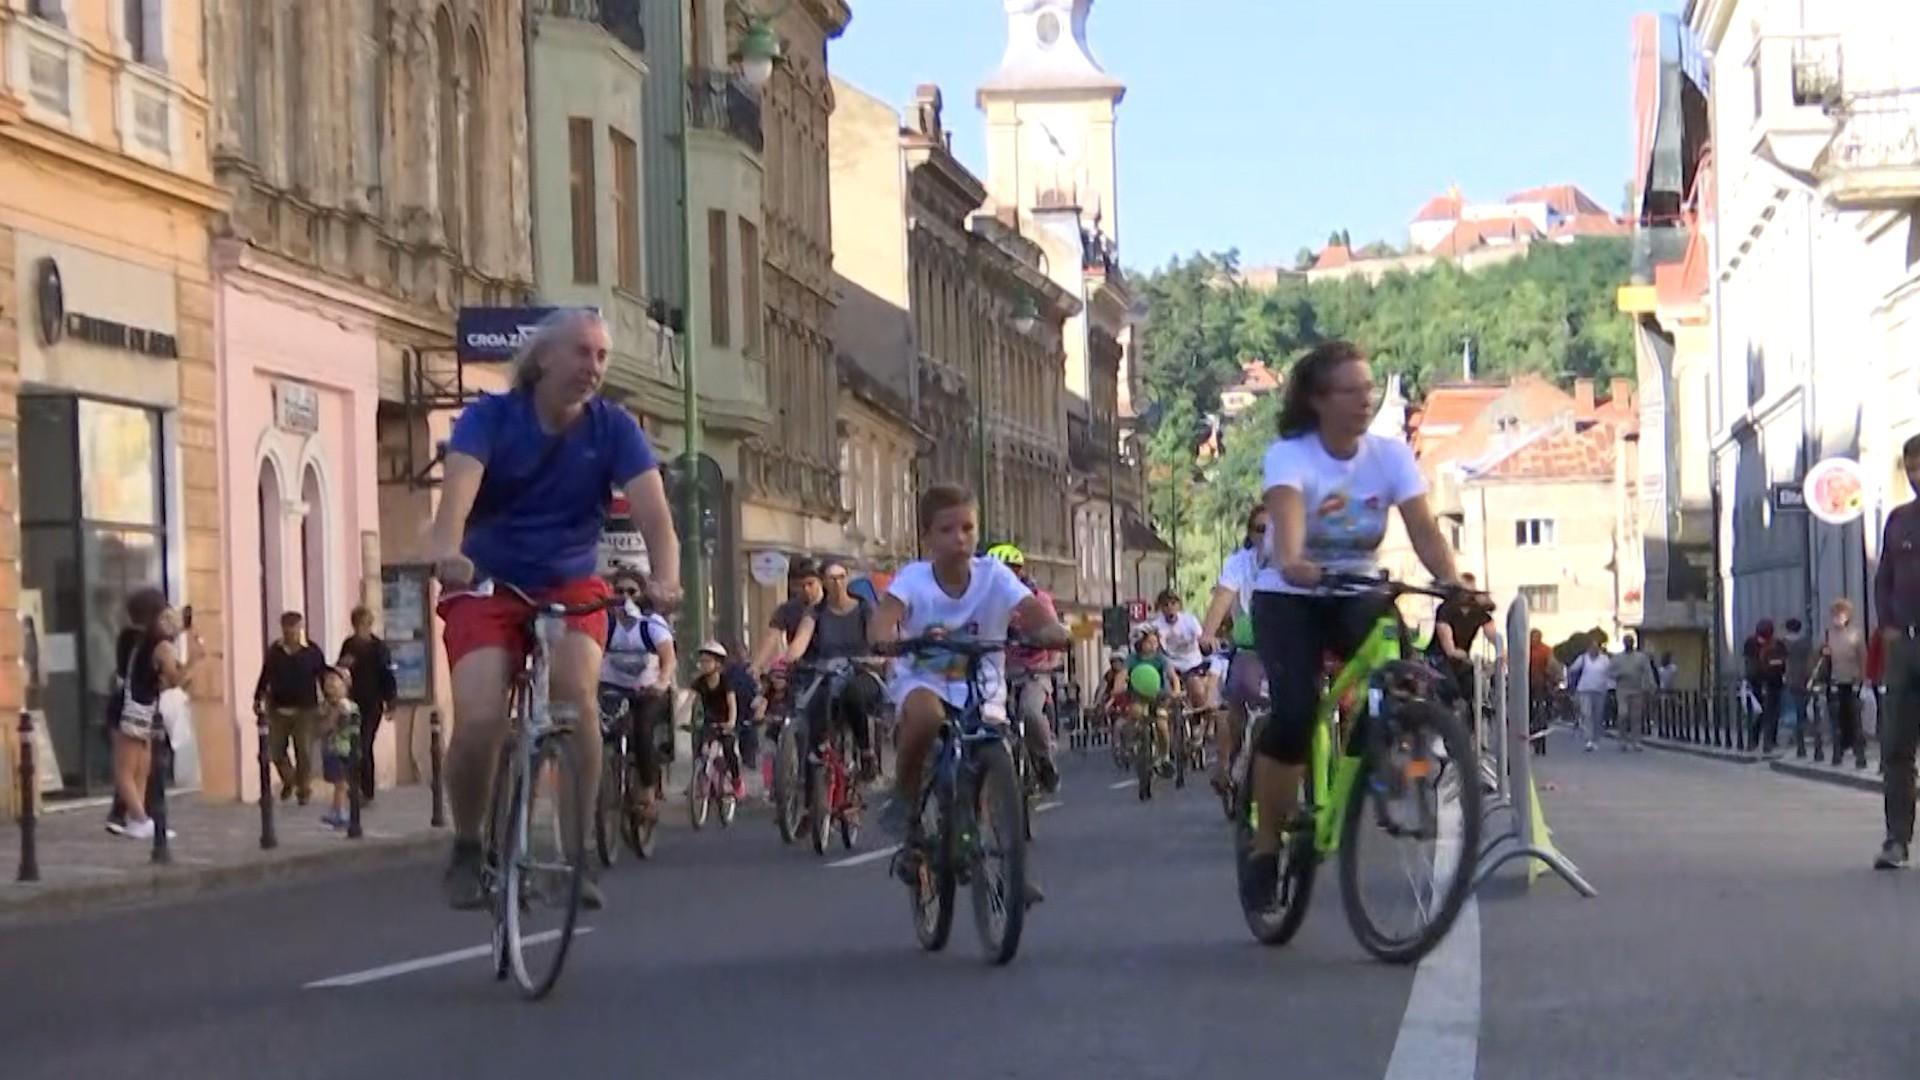 Străzi transformate în piste pentru biciclete şi colectare selectivă pentru un bilet de autobuz gratuit, în săptămâna verde, la Braşov